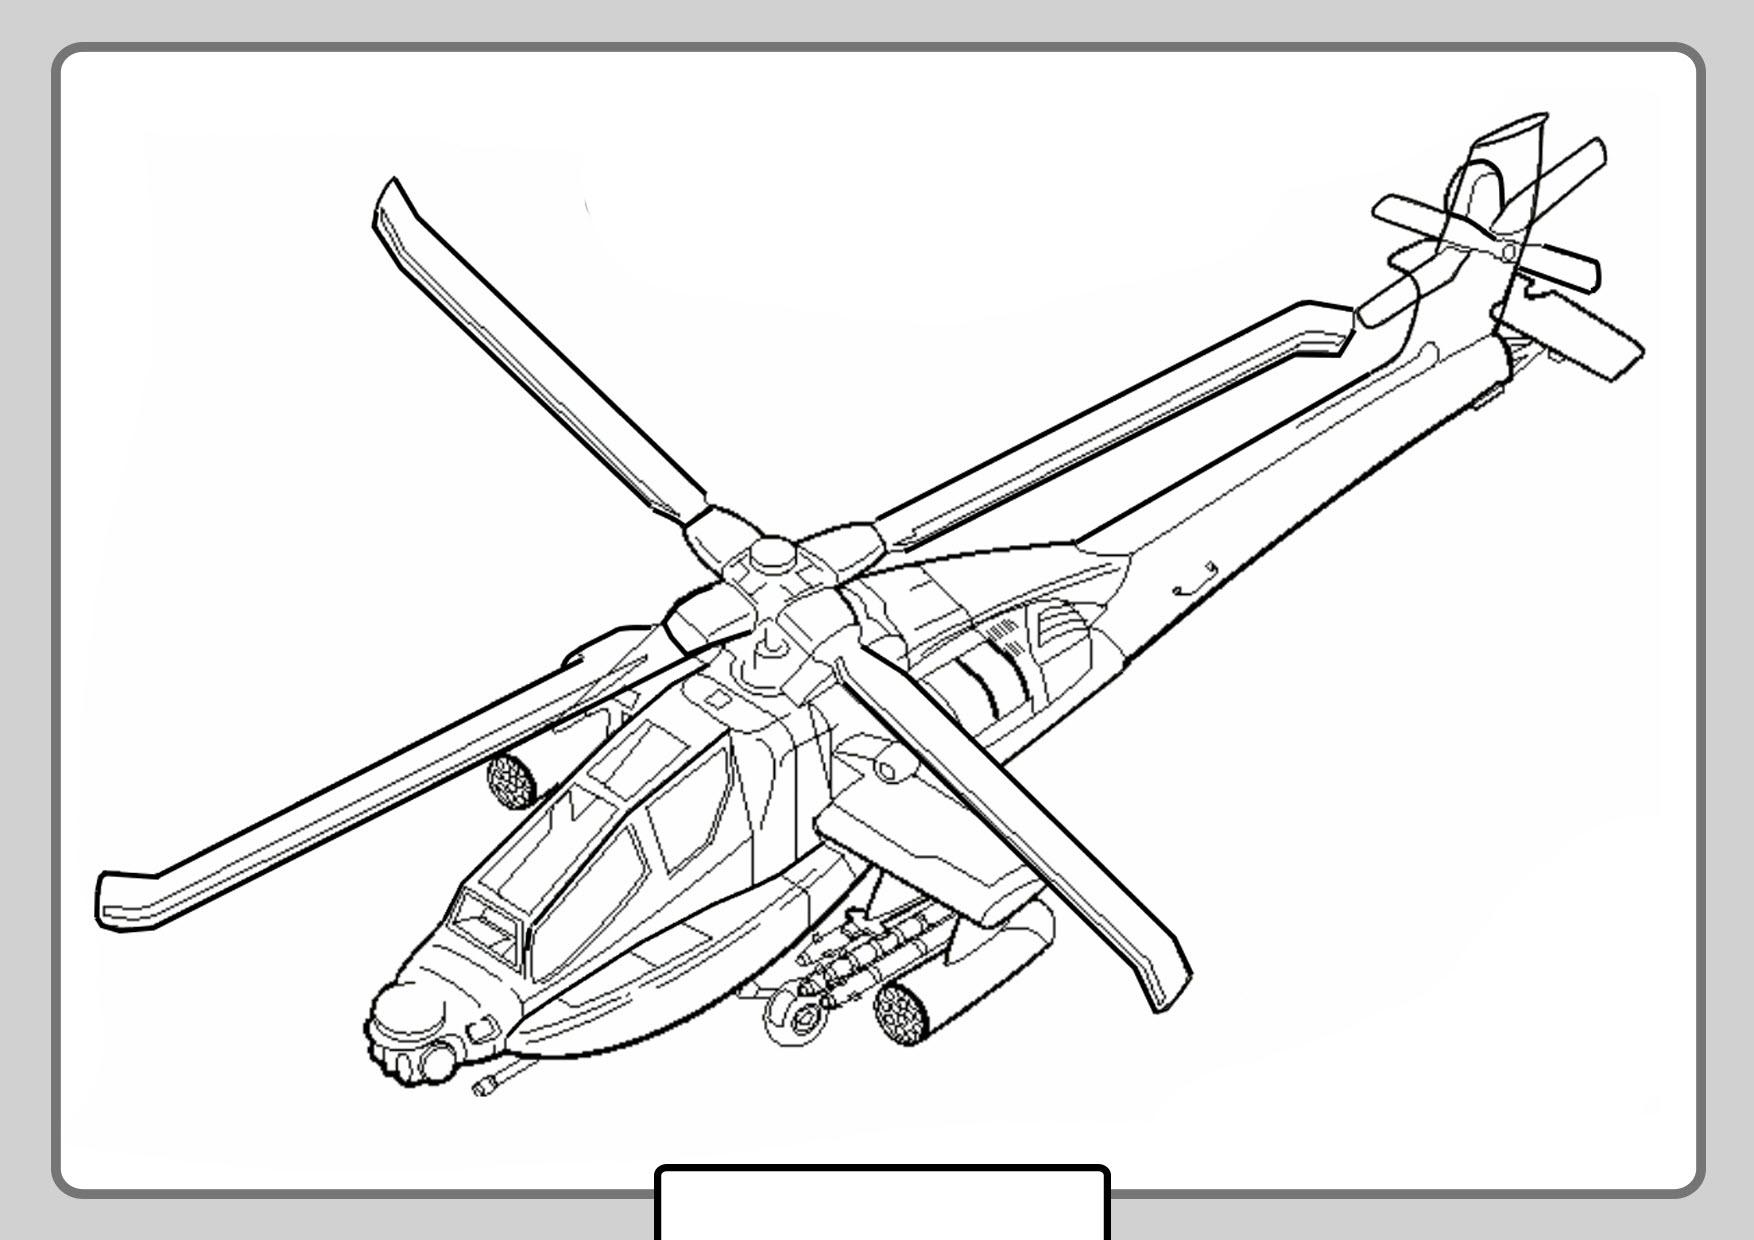 Tranh tô màu máy bay trực thăng cực ngầu